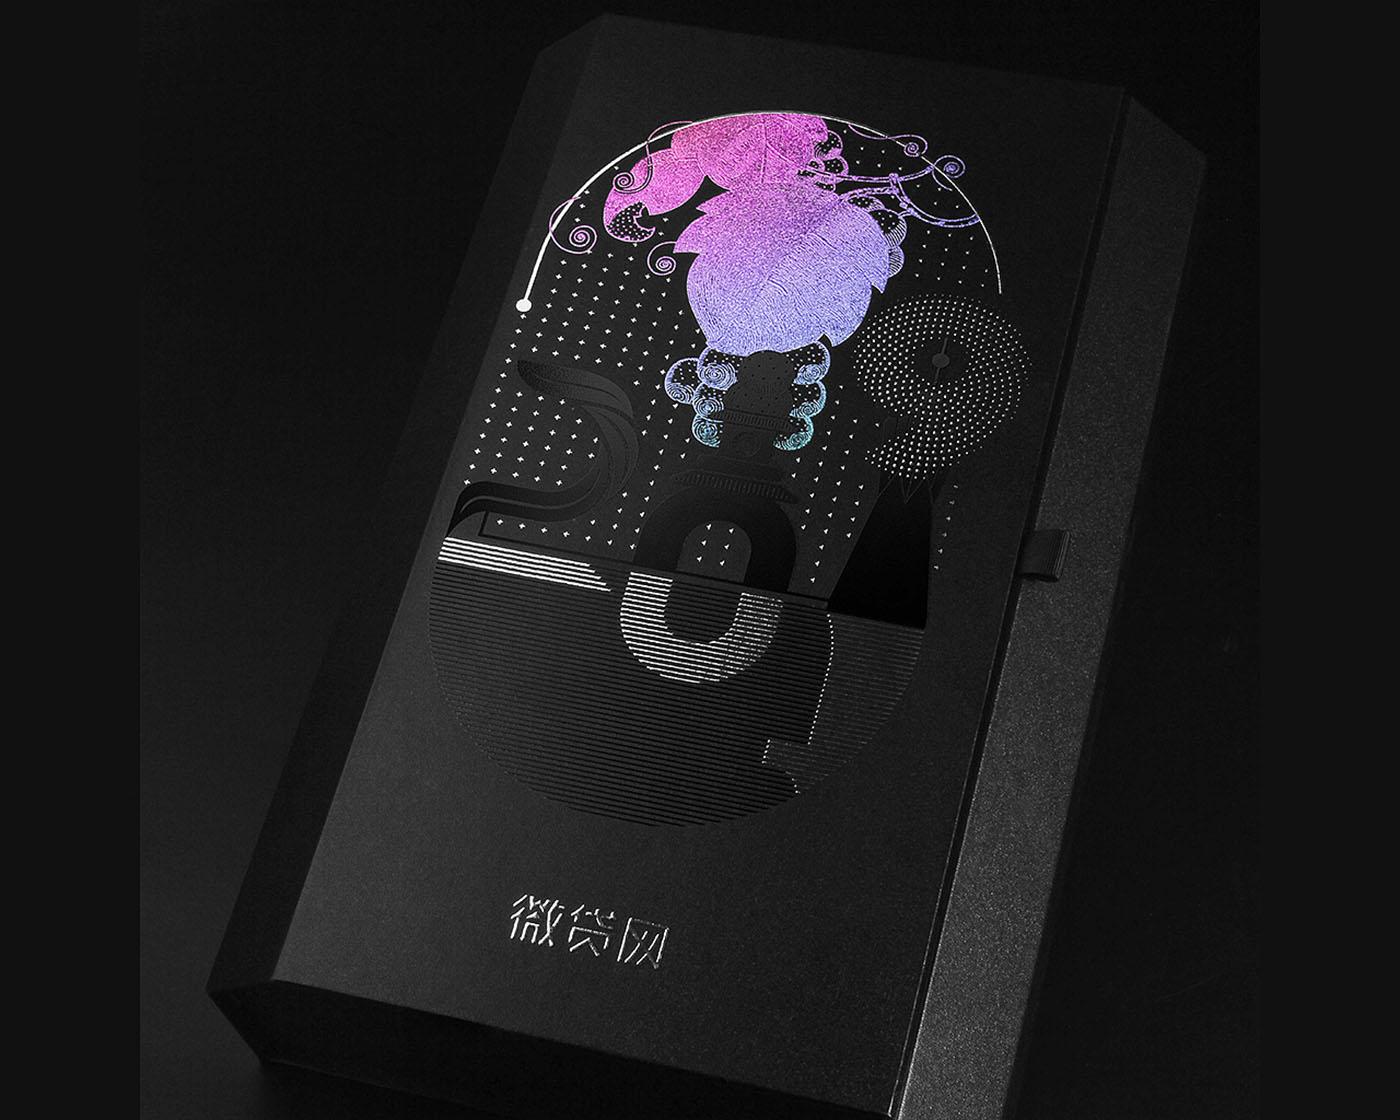 礼品酒类包装定制设计-酒类包装设计公司